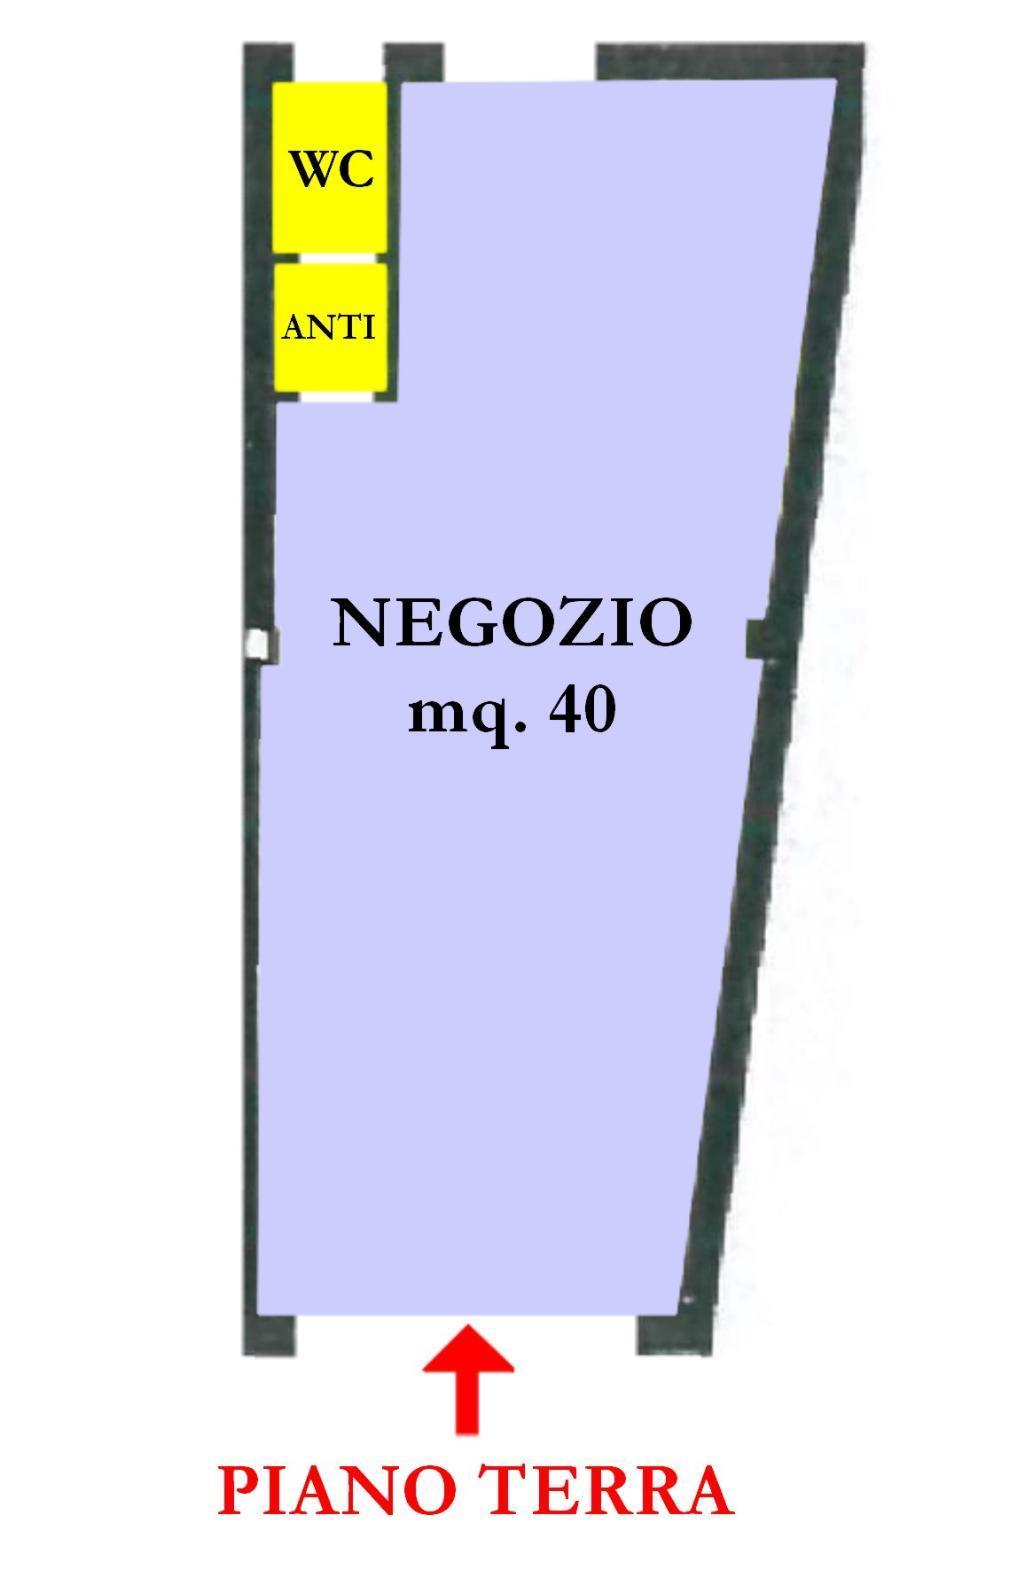 Affitto di un negozio/ufficio a Cesena